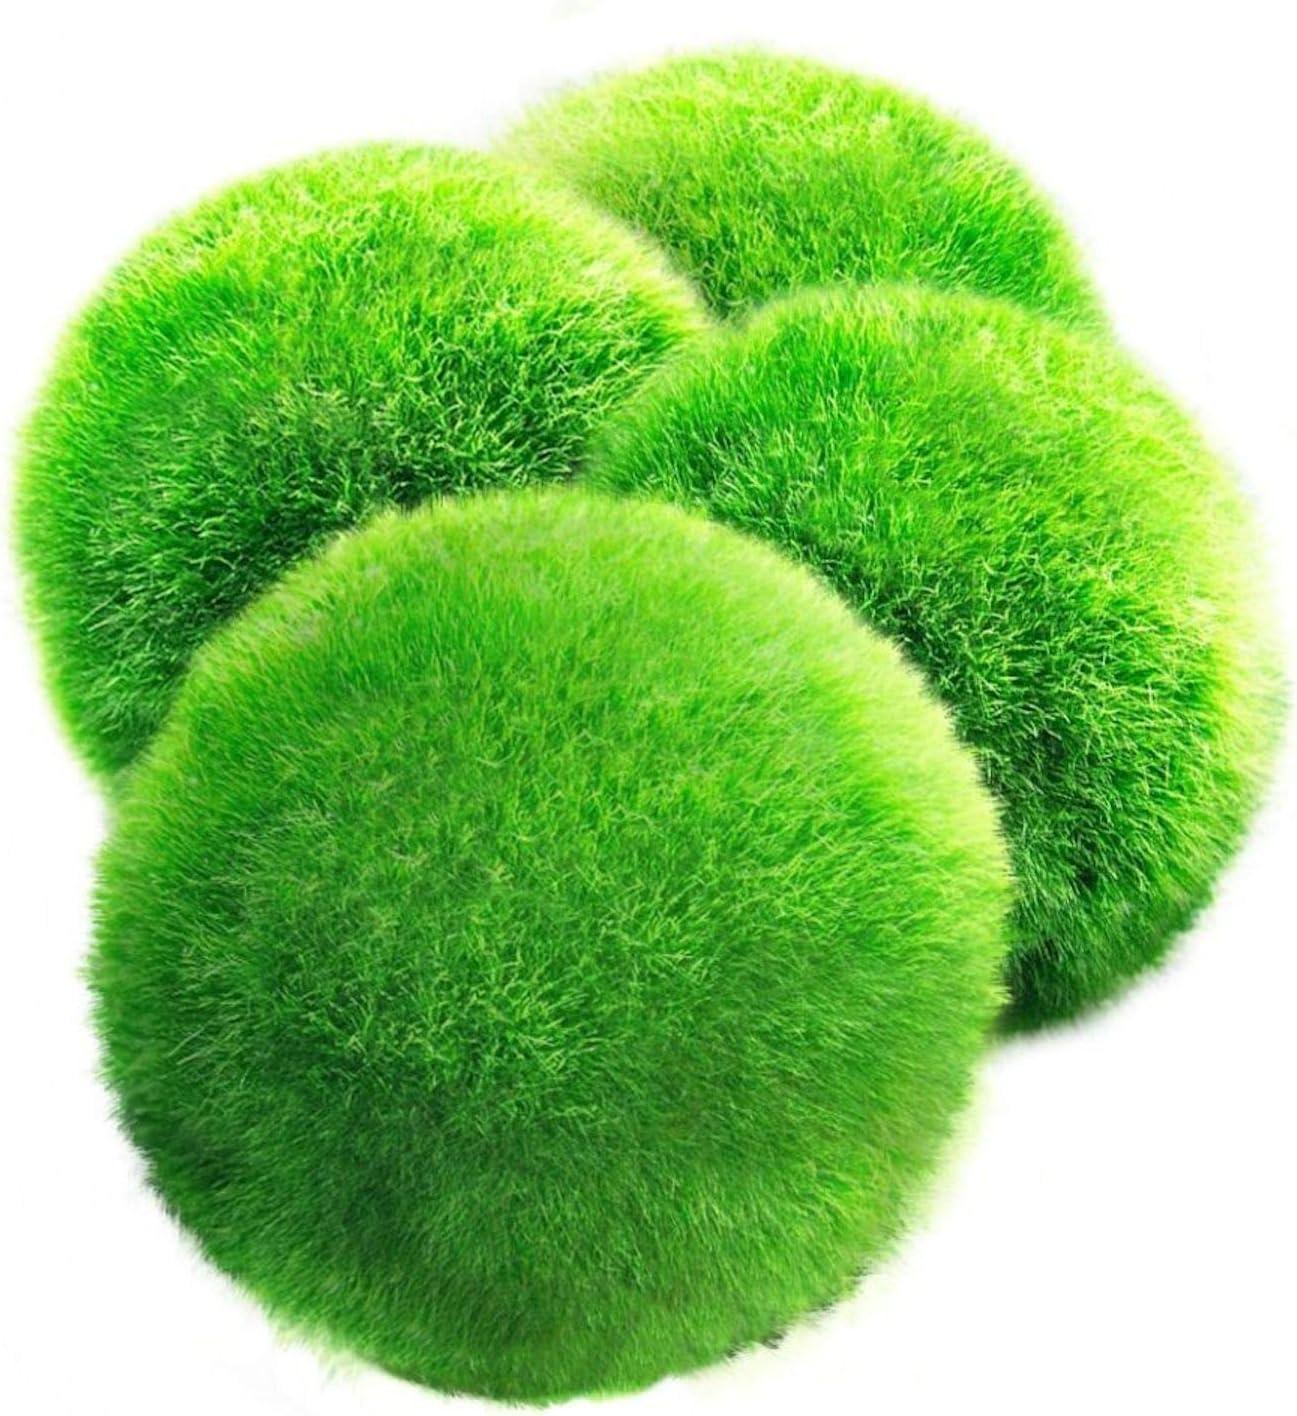 Luffy Giant Marimo Moss Balls, Pacchetto Jumbo Di Piante Esteticamente Belle, Crea Un Ambiente Sano, Palline Da Gioco Dal Vivo A Bassa Manutenzione, Gamberetti E Lumache Le Adoro, Confezione Da 4